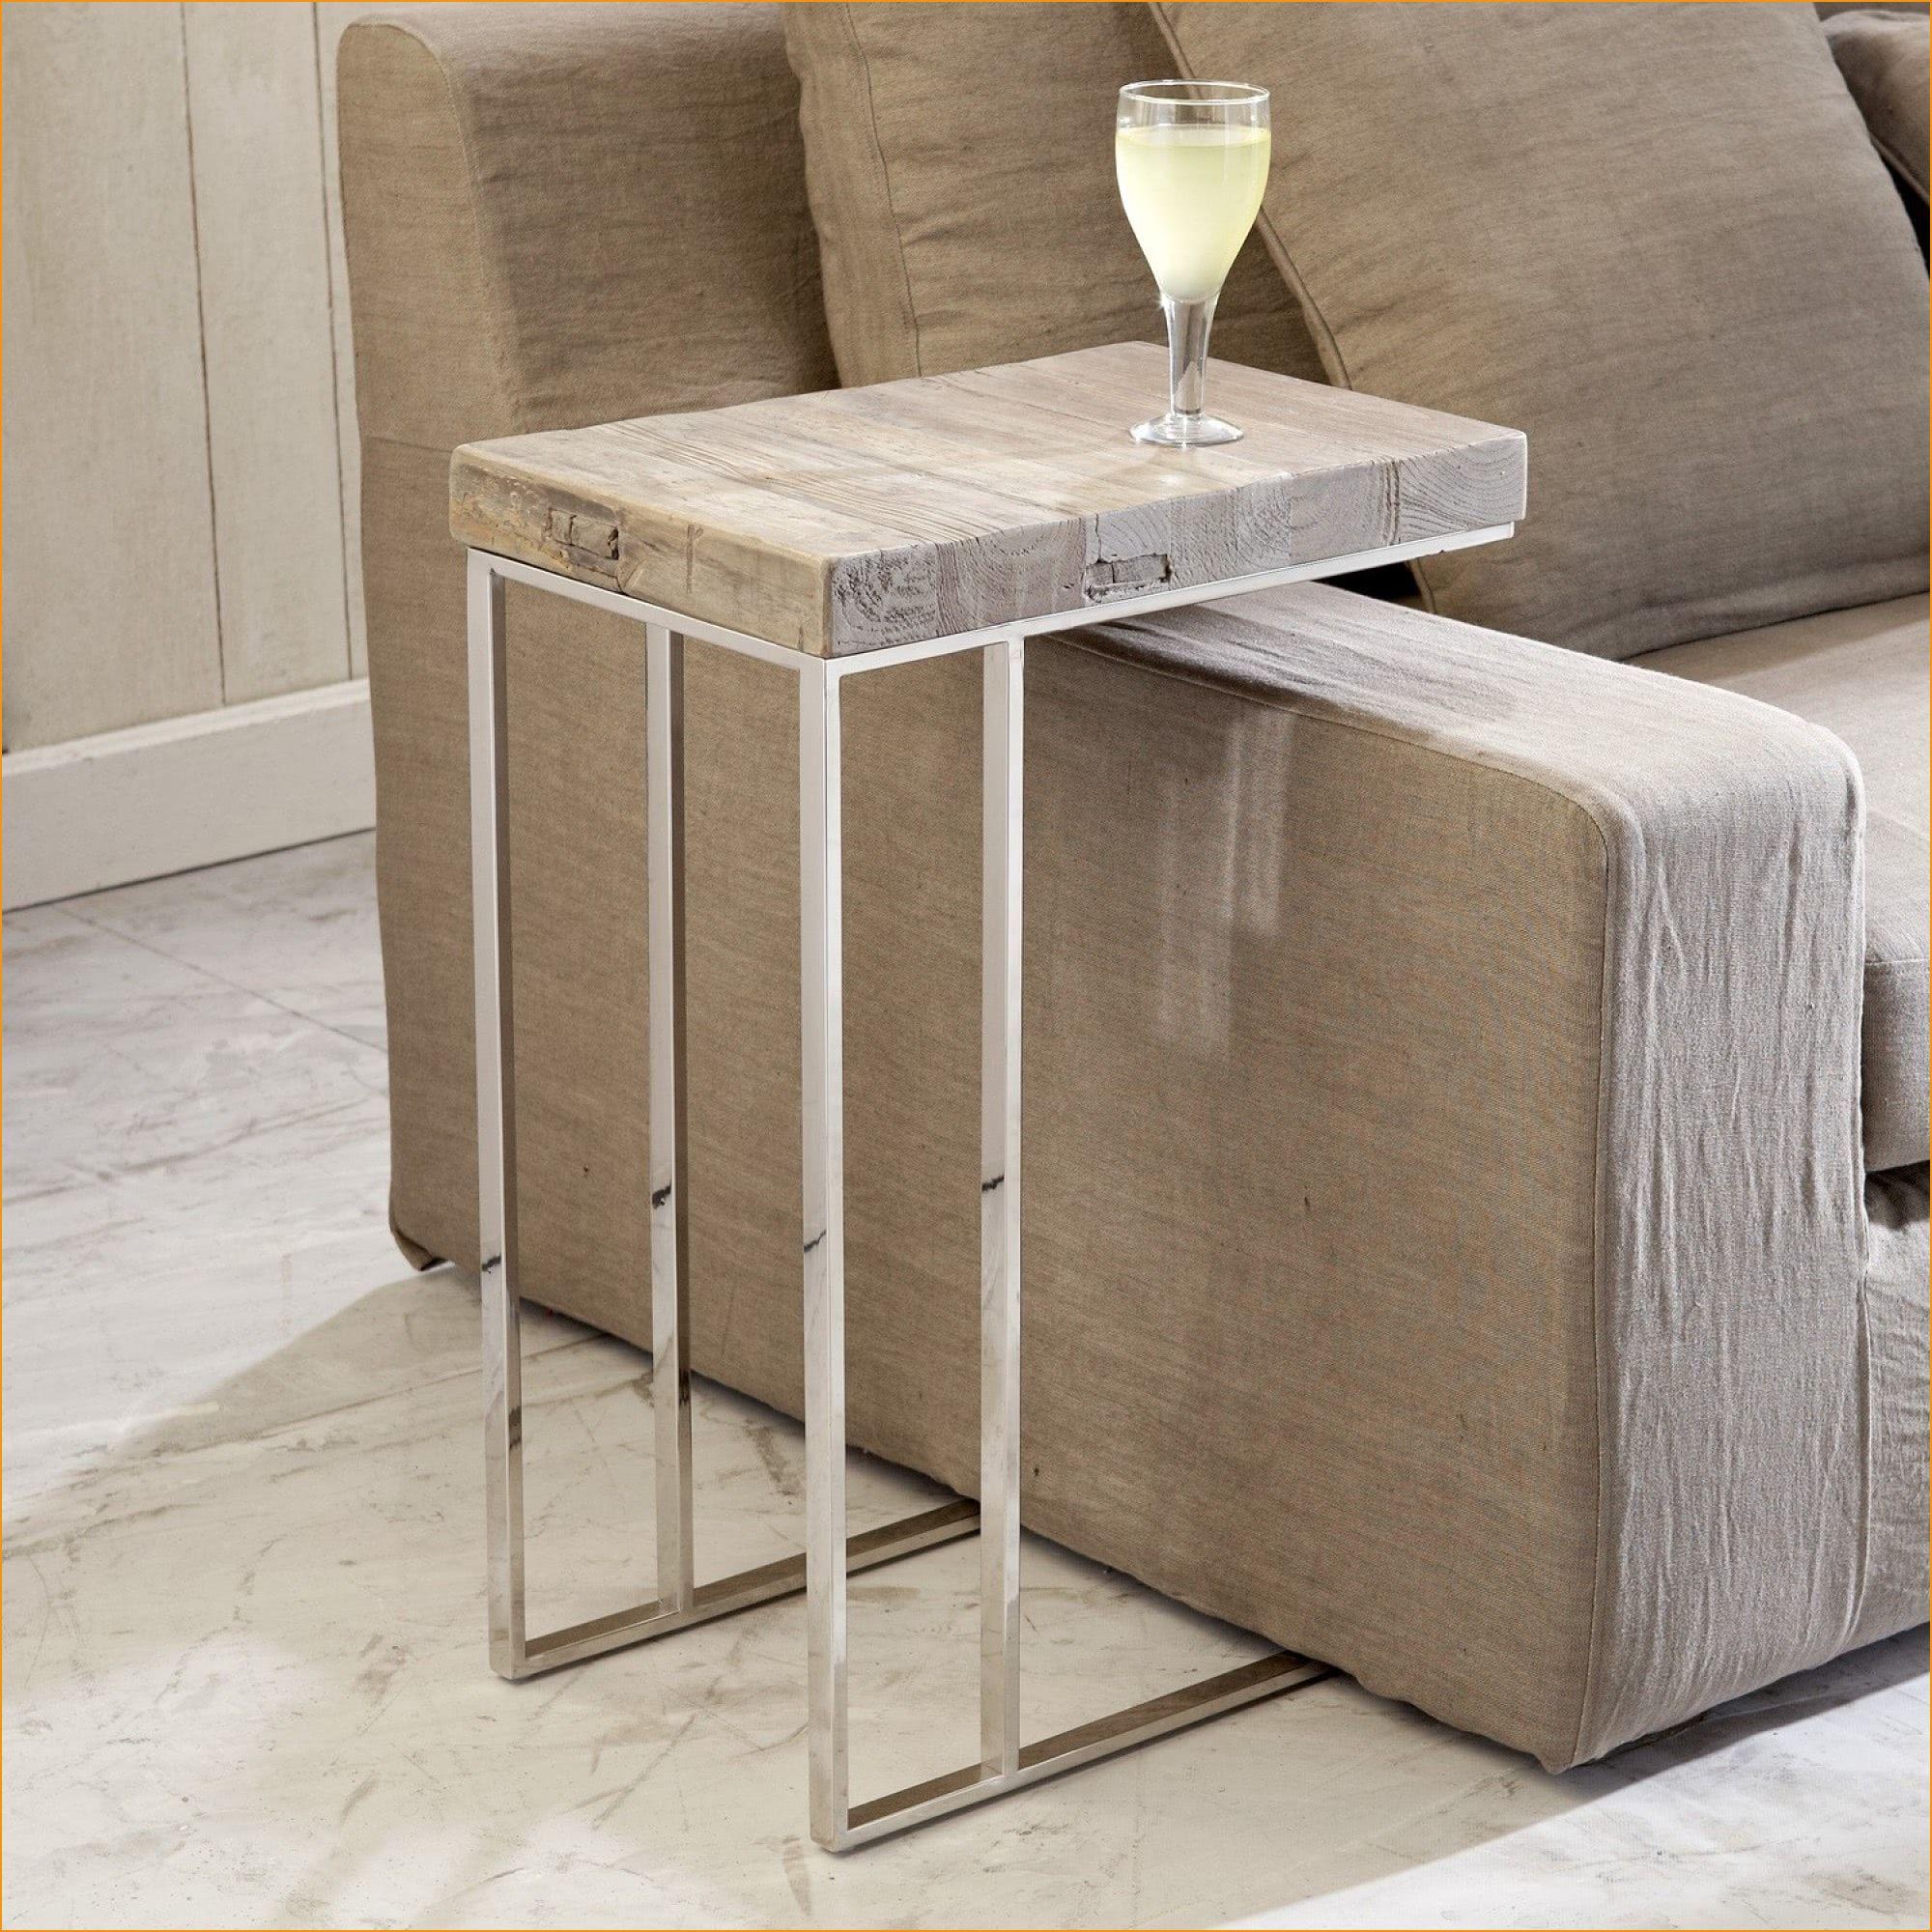 15 Gut Hoher Beistelltisch Ikea Em 2020 Ideias Para Mobilia Decoracao Parede Sala Mesa De Sofa